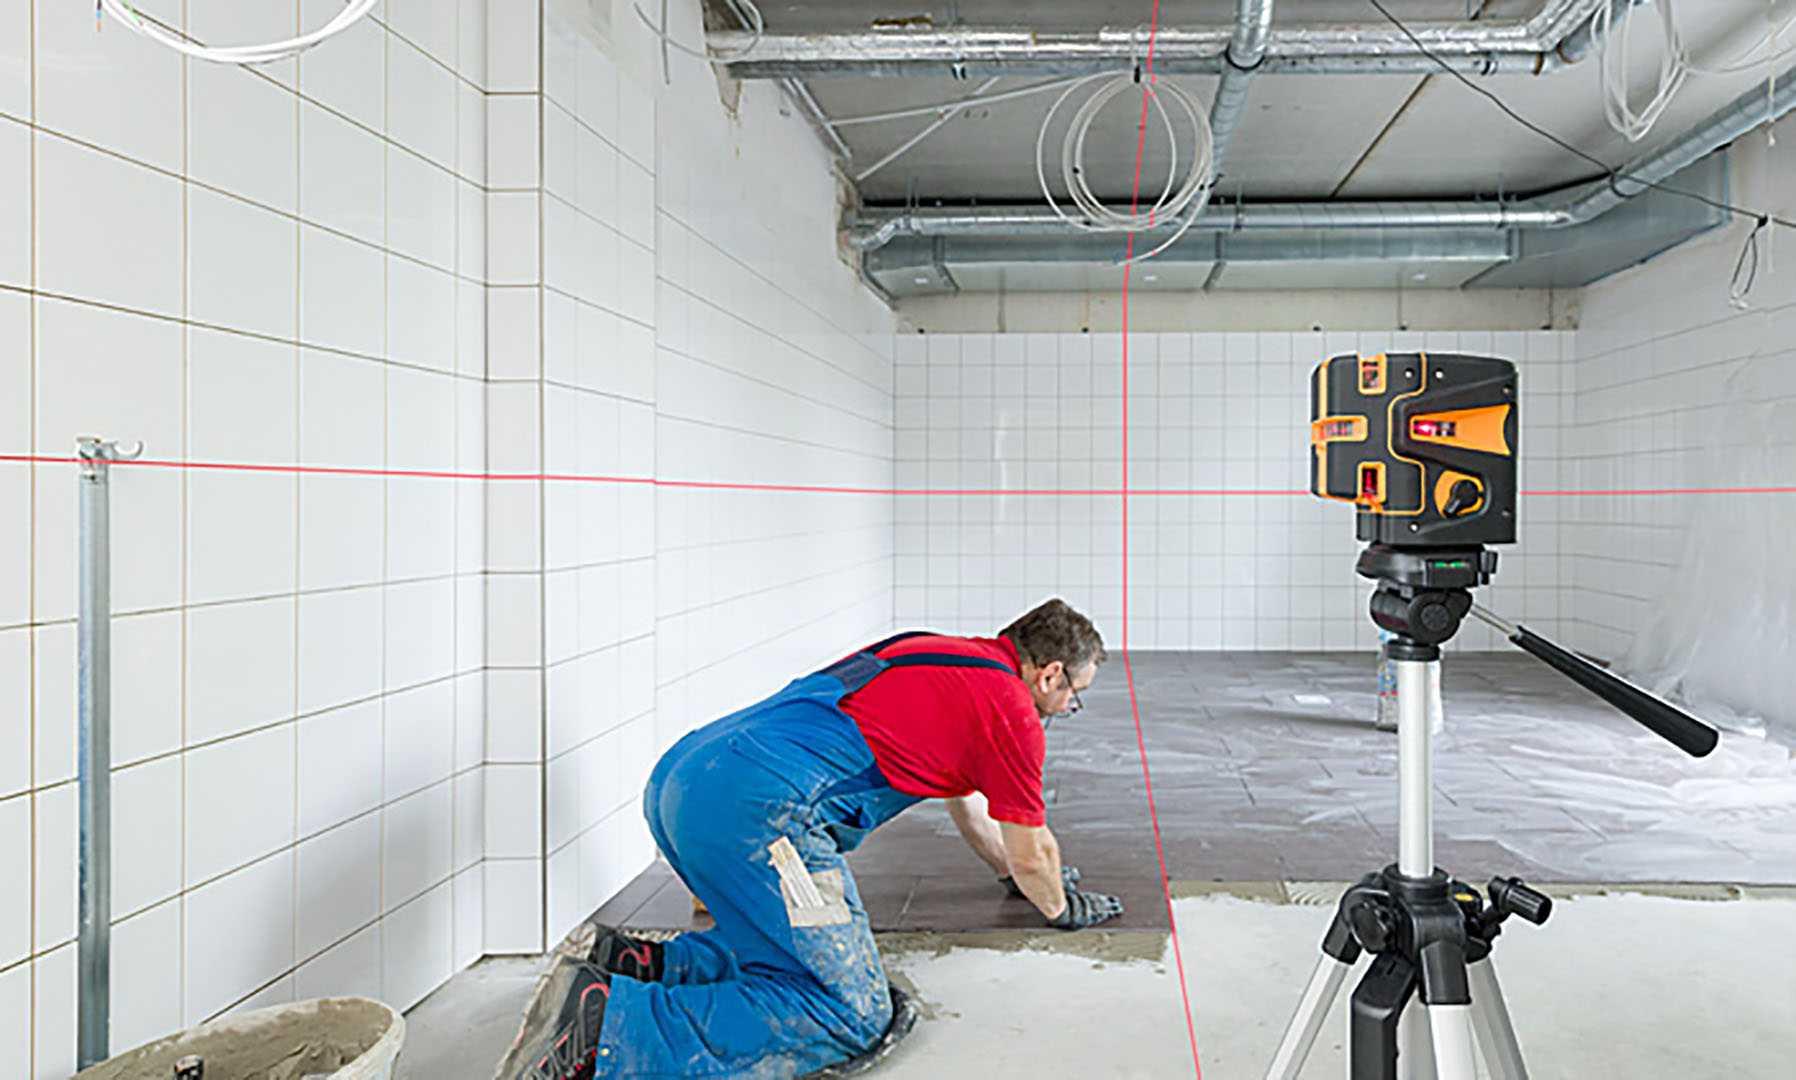 Как выбрать лазерный уровень для дома: разберемся в параметрах самовыравнивающихся нивелиров | умный выбор | яндекс дзен